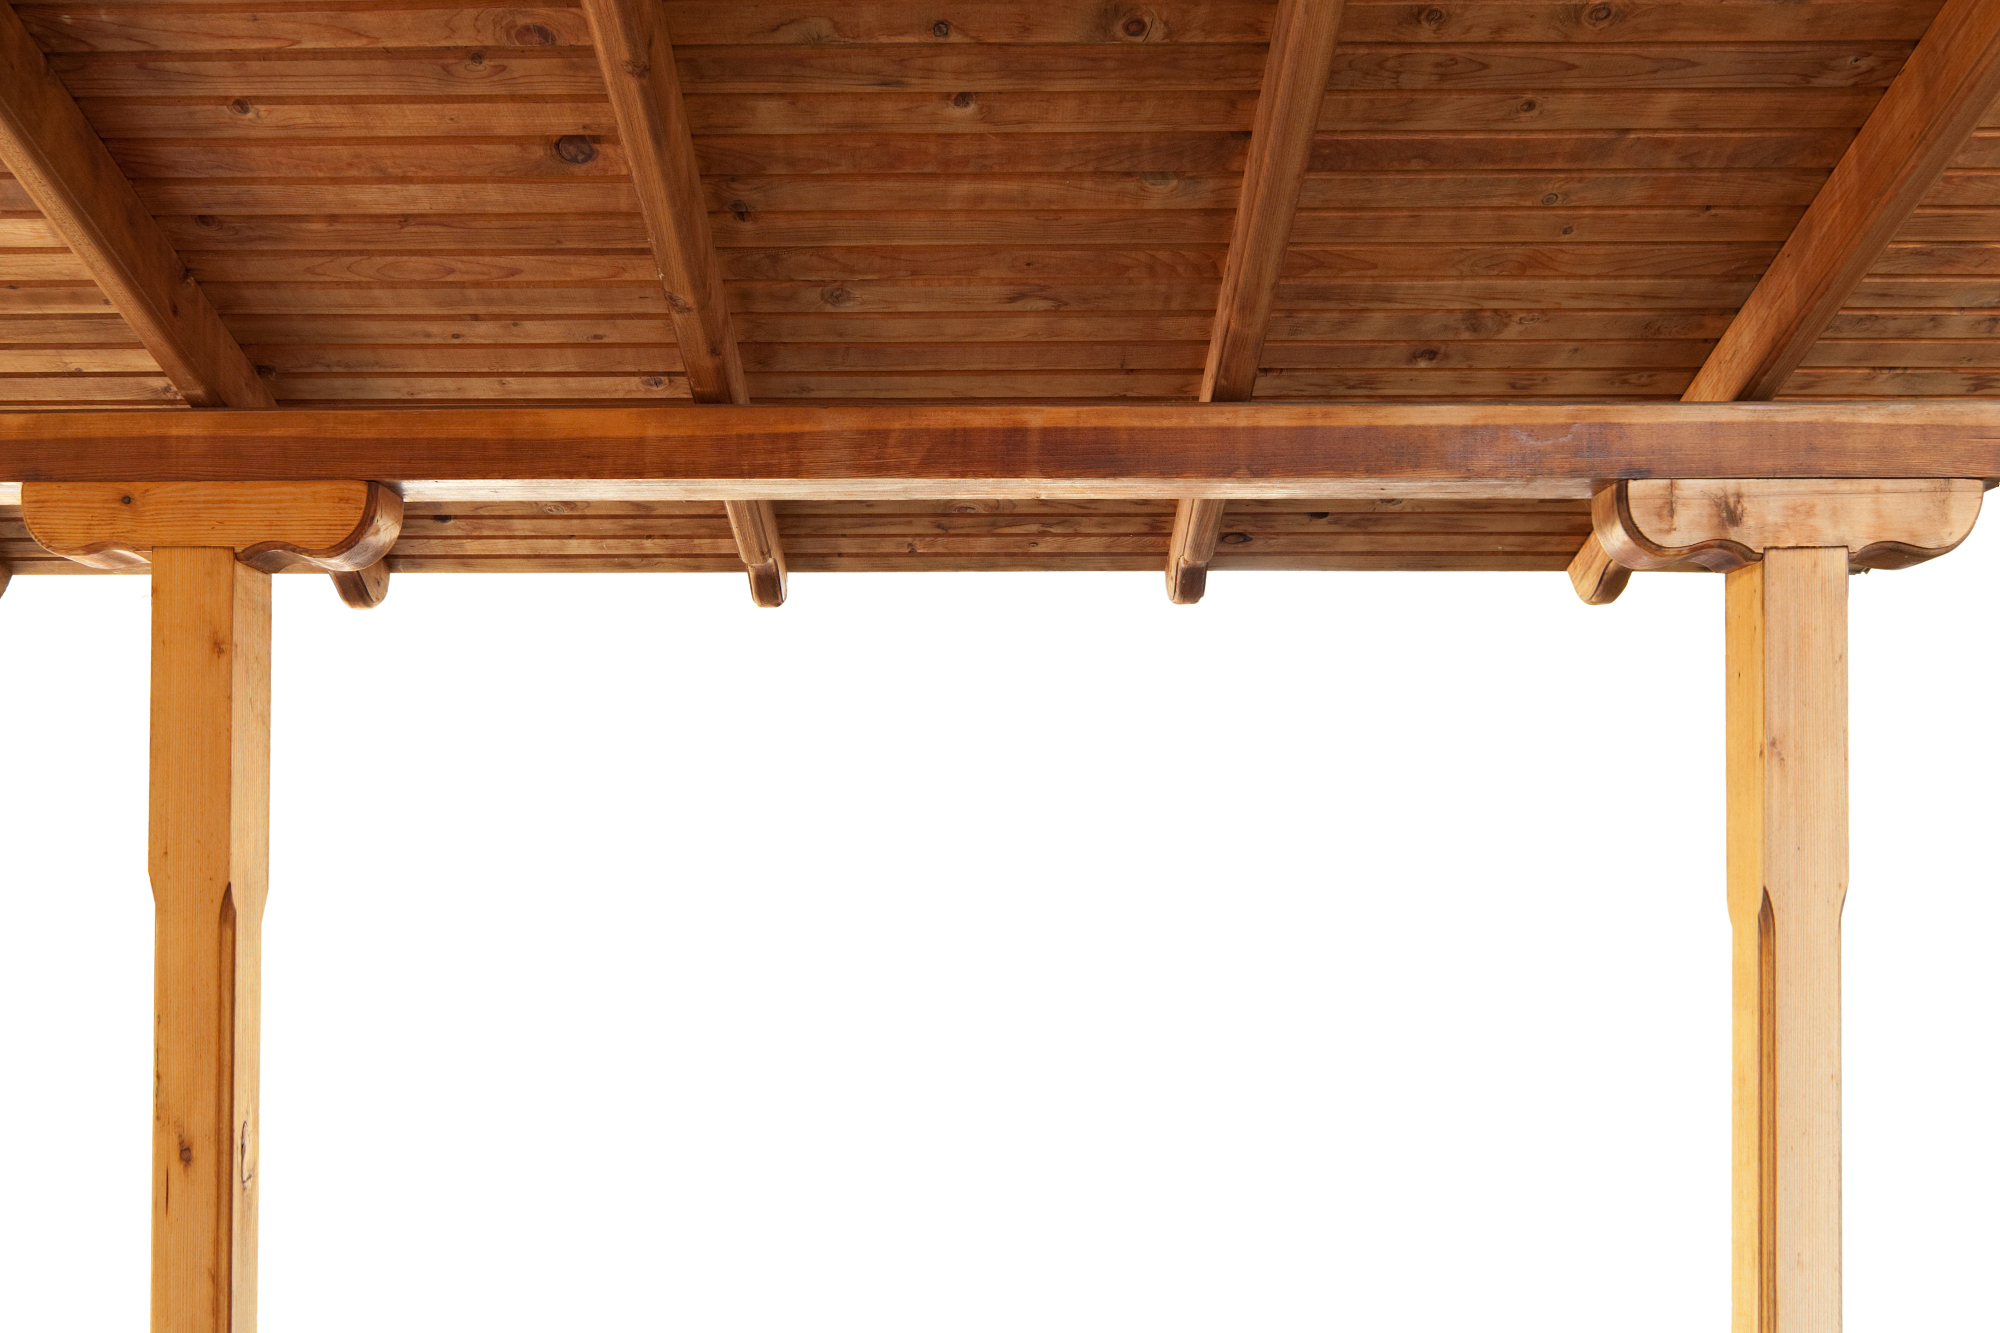 welche und wie viele st tzen ben tigt eine terrassen berdachung. Black Bedroom Furniture Sets. Home Design Ideas